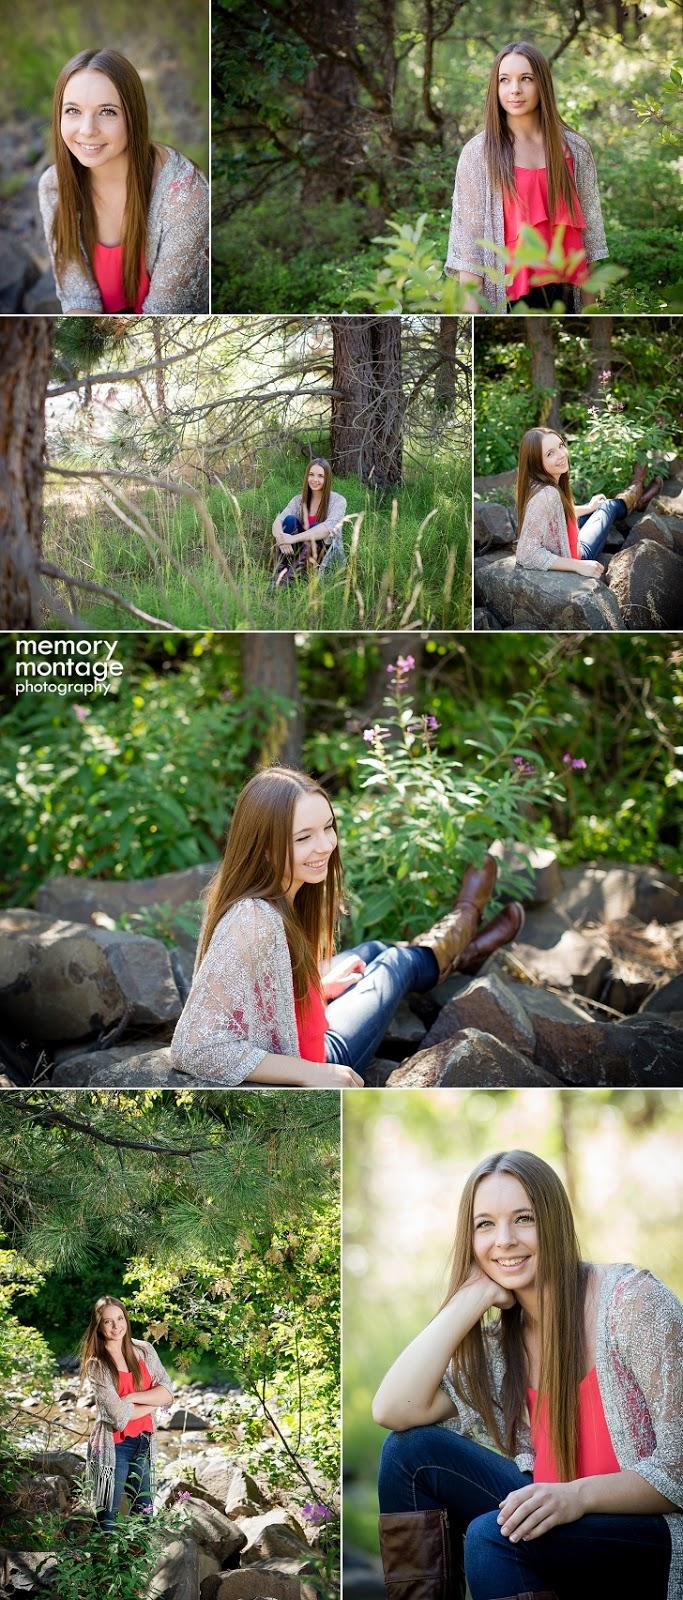 Yakima Photography, Yakima Senior Photographers, Senior girl photography, senior girl poses, Seattle Senior Photography, Kennewick Senior Photography, Memory Montage Photography